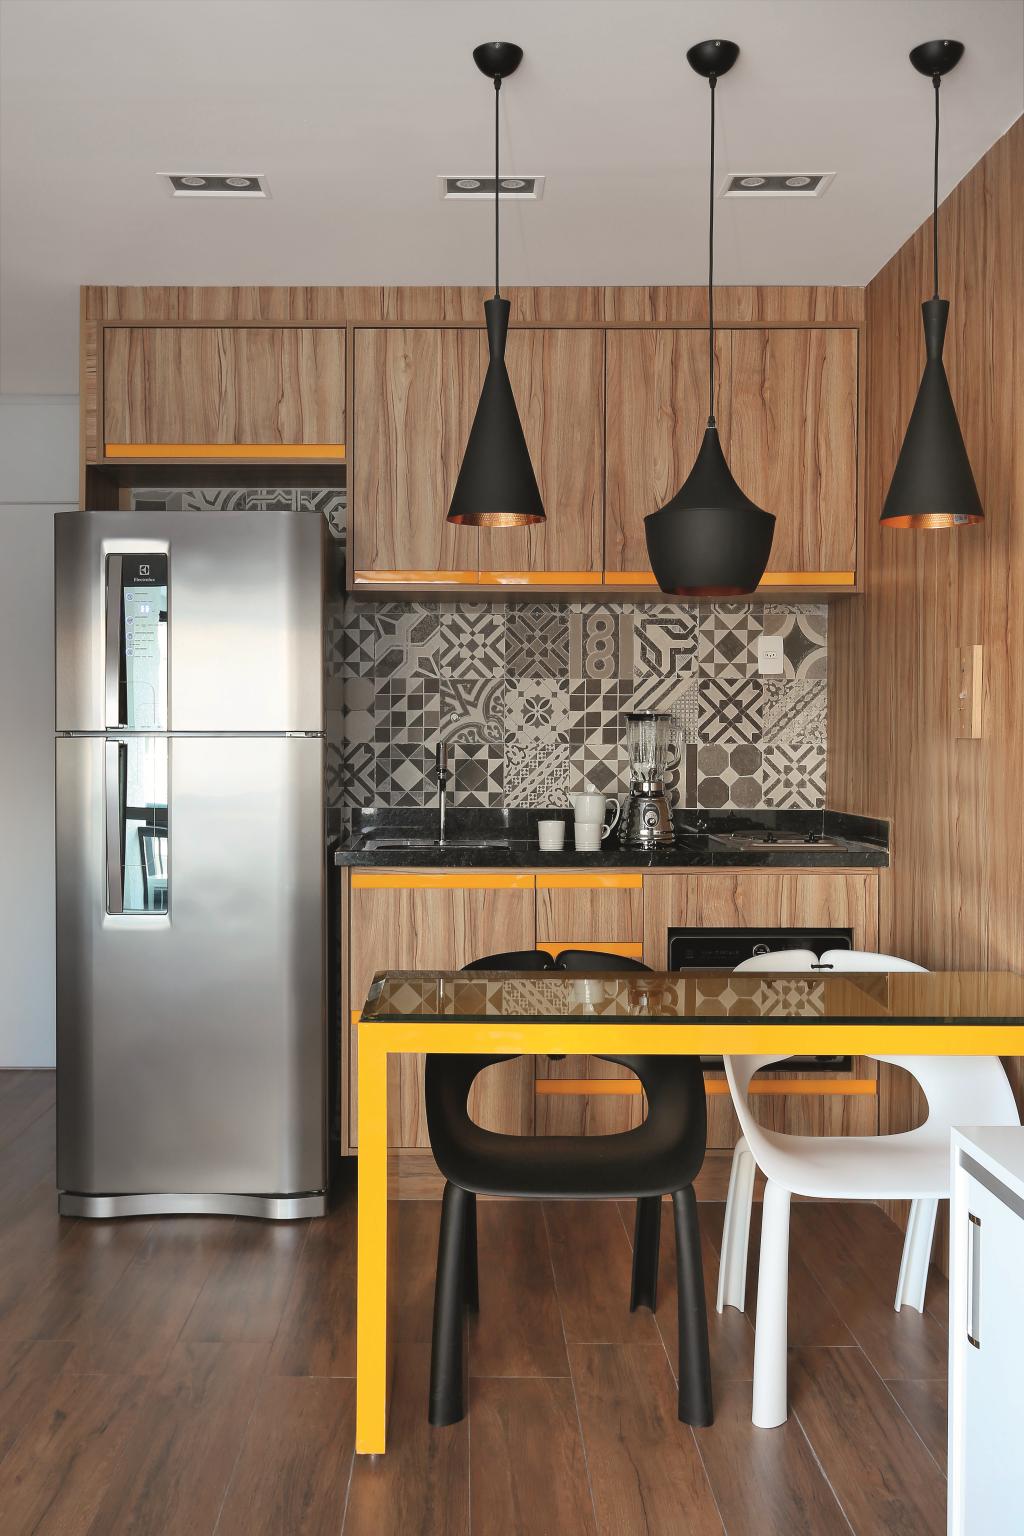 Resultado de imagen para portobello rio retro modelo for Cocinas integrales modernas chiquitas